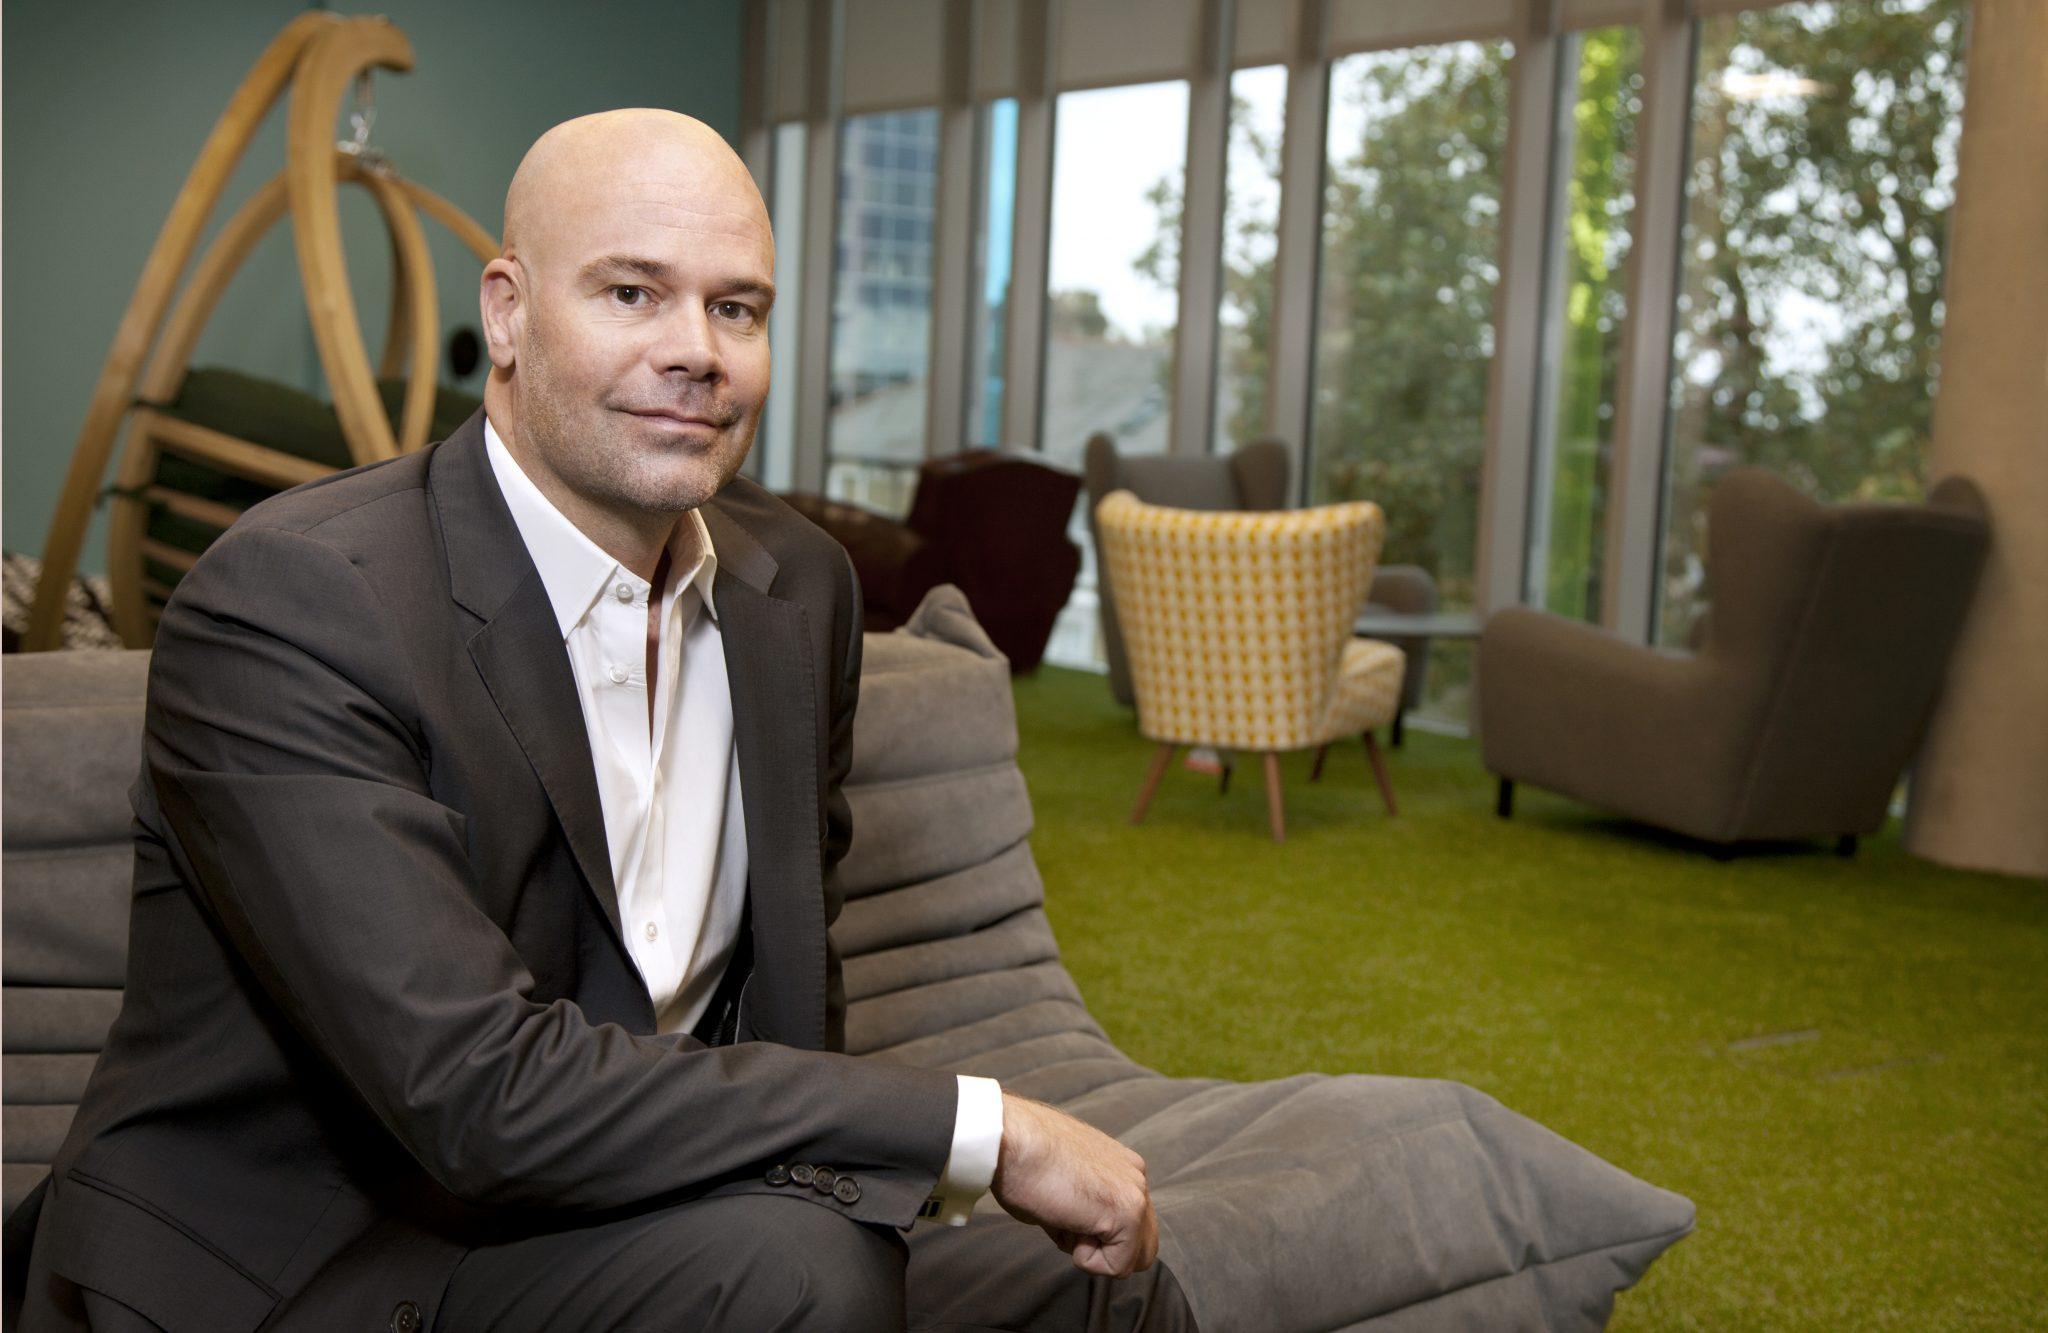 Jakob Mejlhede Andersen